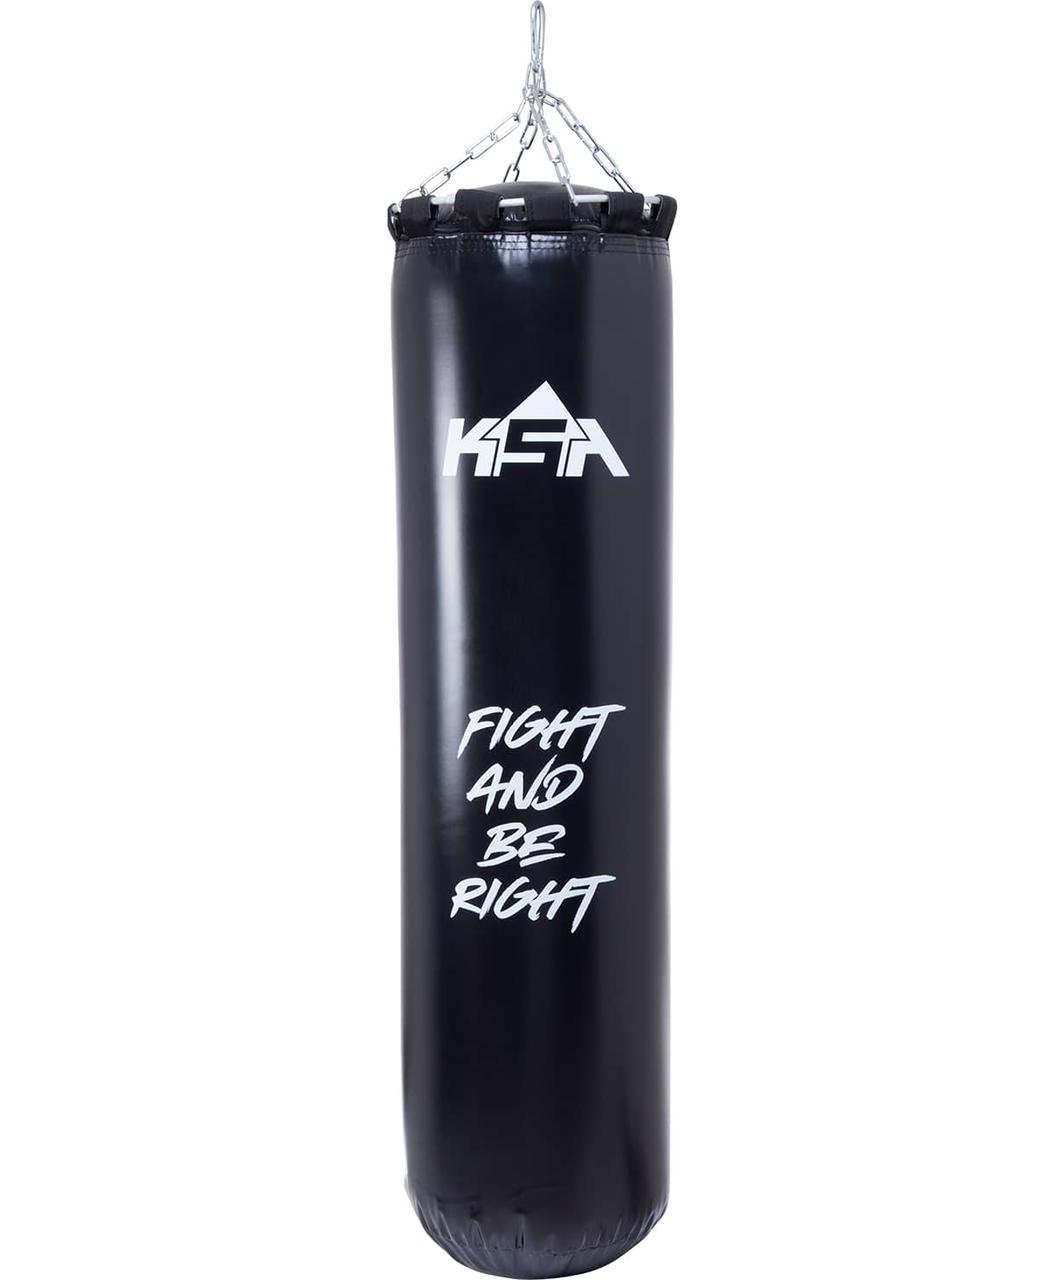 Мешок боксерский PB-02, 100 см, 30 кг, ПВХ, черный KSA